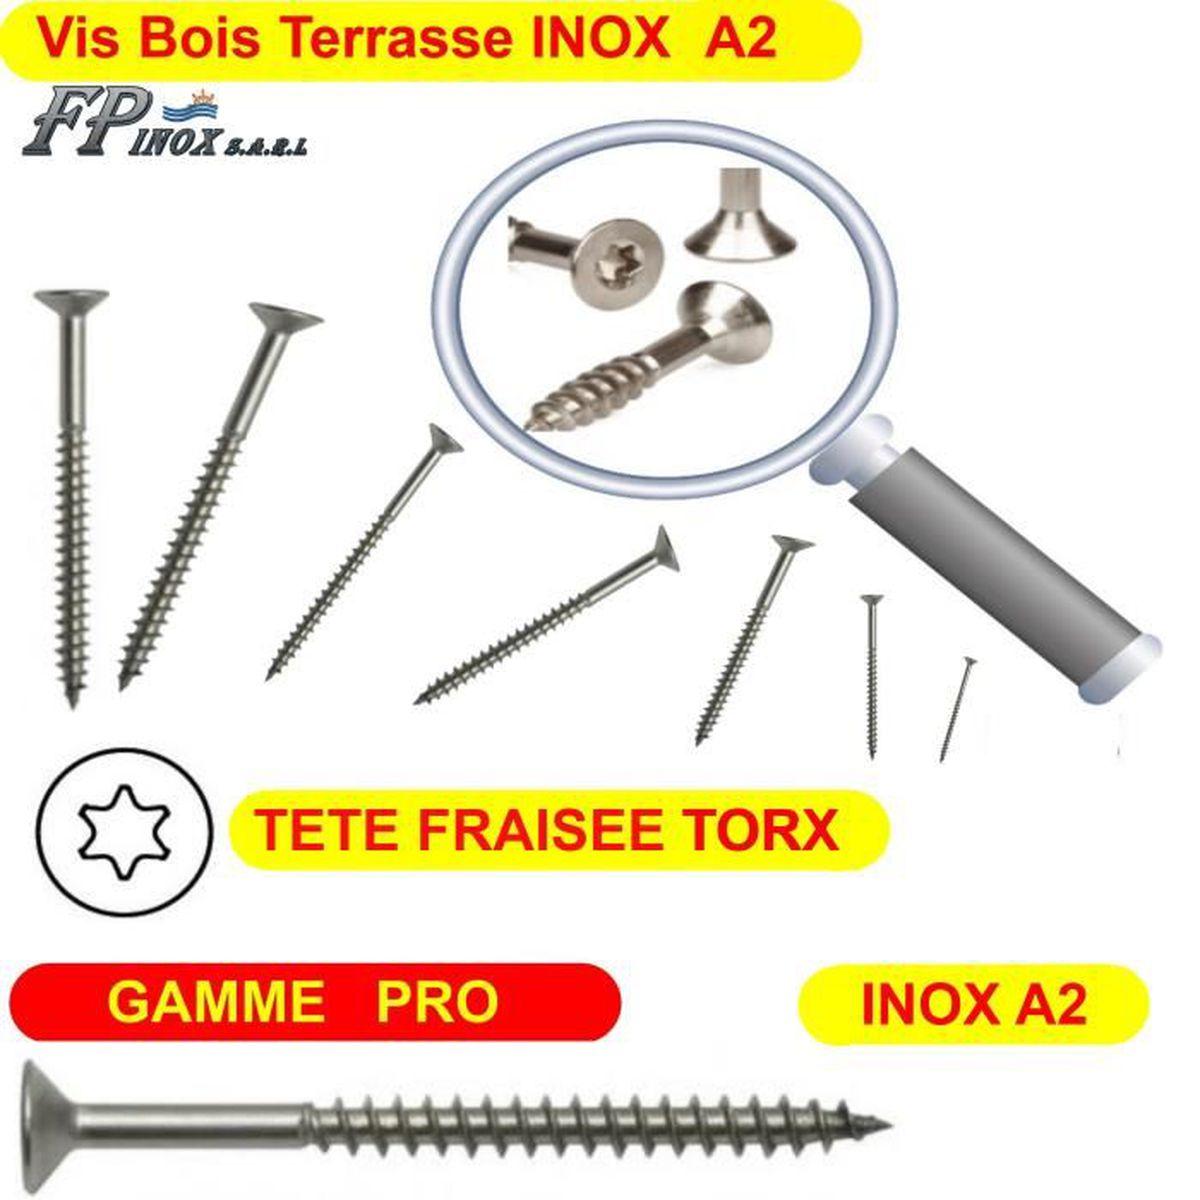 Lot de 200 vis torx /à t/ête frais/ée en acier inoxydable a2 avec pointe de per/çage /ø 5 x 40 mm tX25